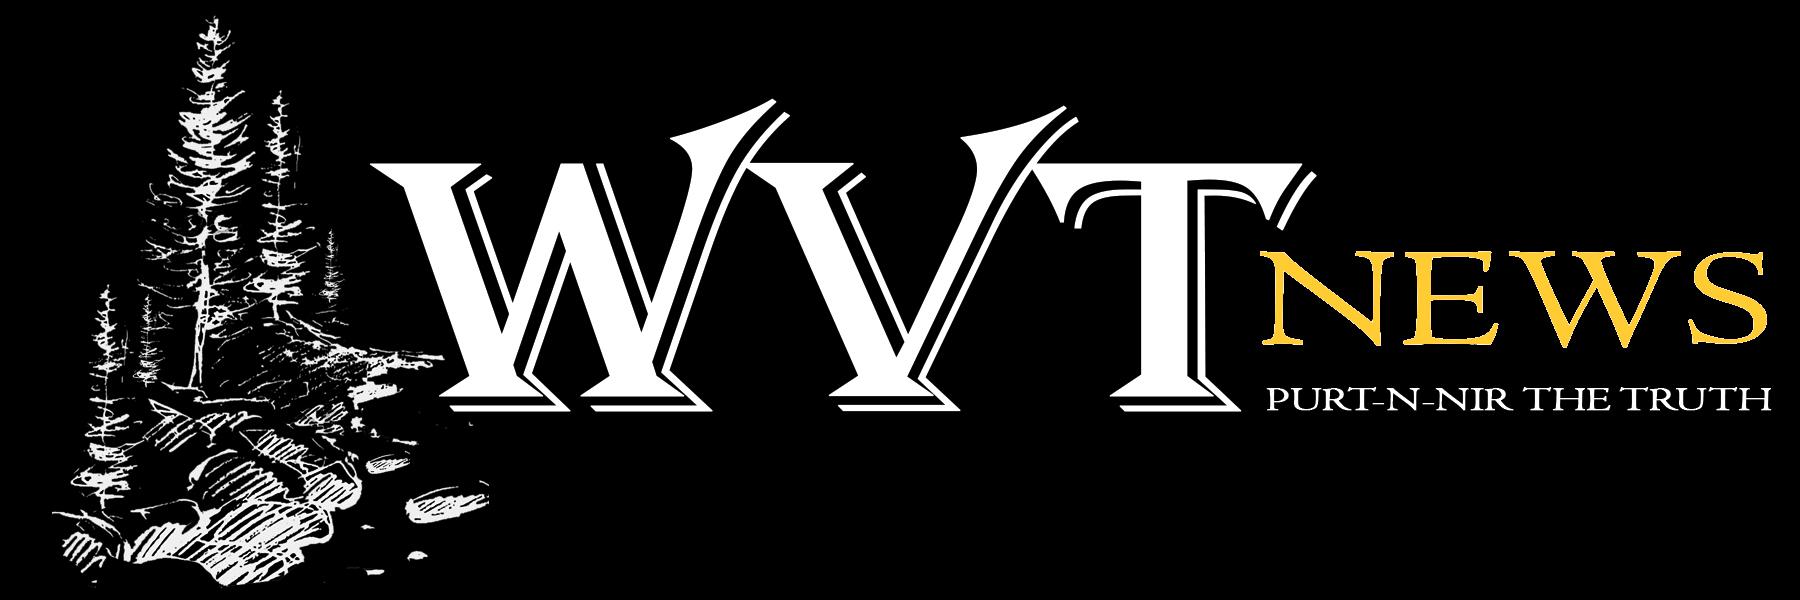 WVT News